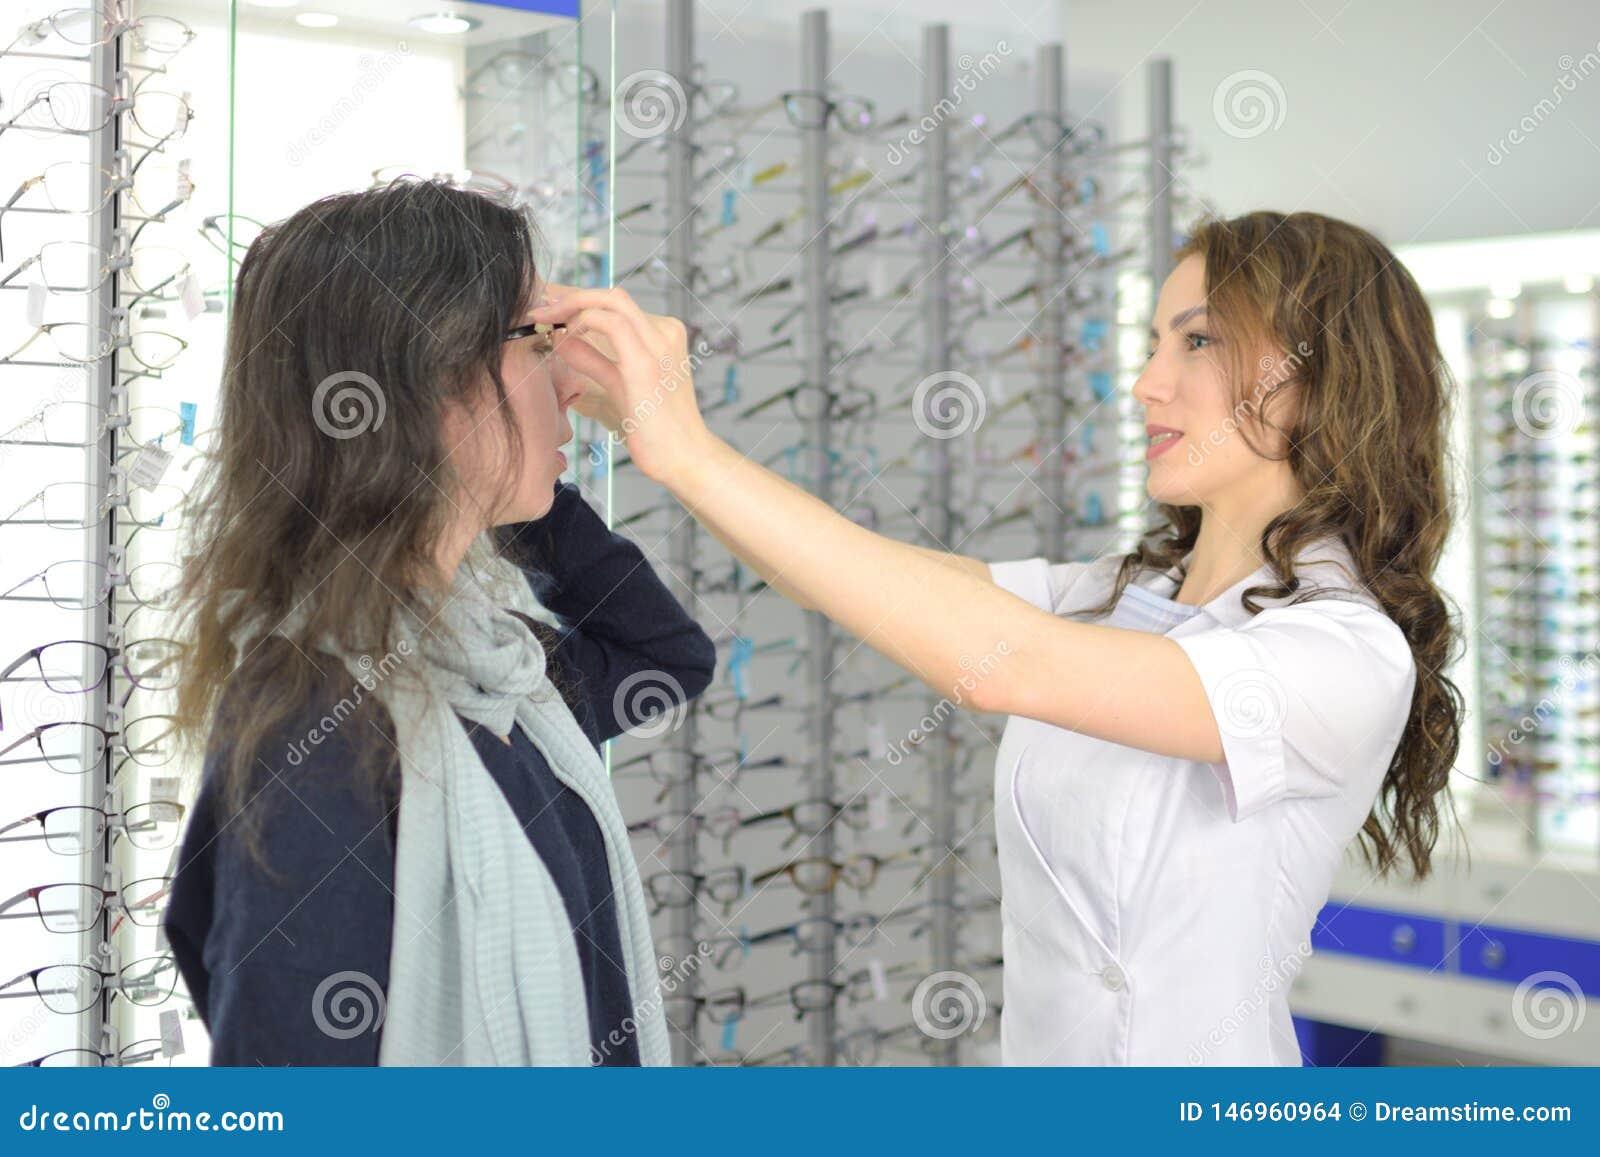 La mujer bonita joven est? intentando los vidrios del ojo encendido en una tienda de las gafas con ayuda de un ayudante y de las